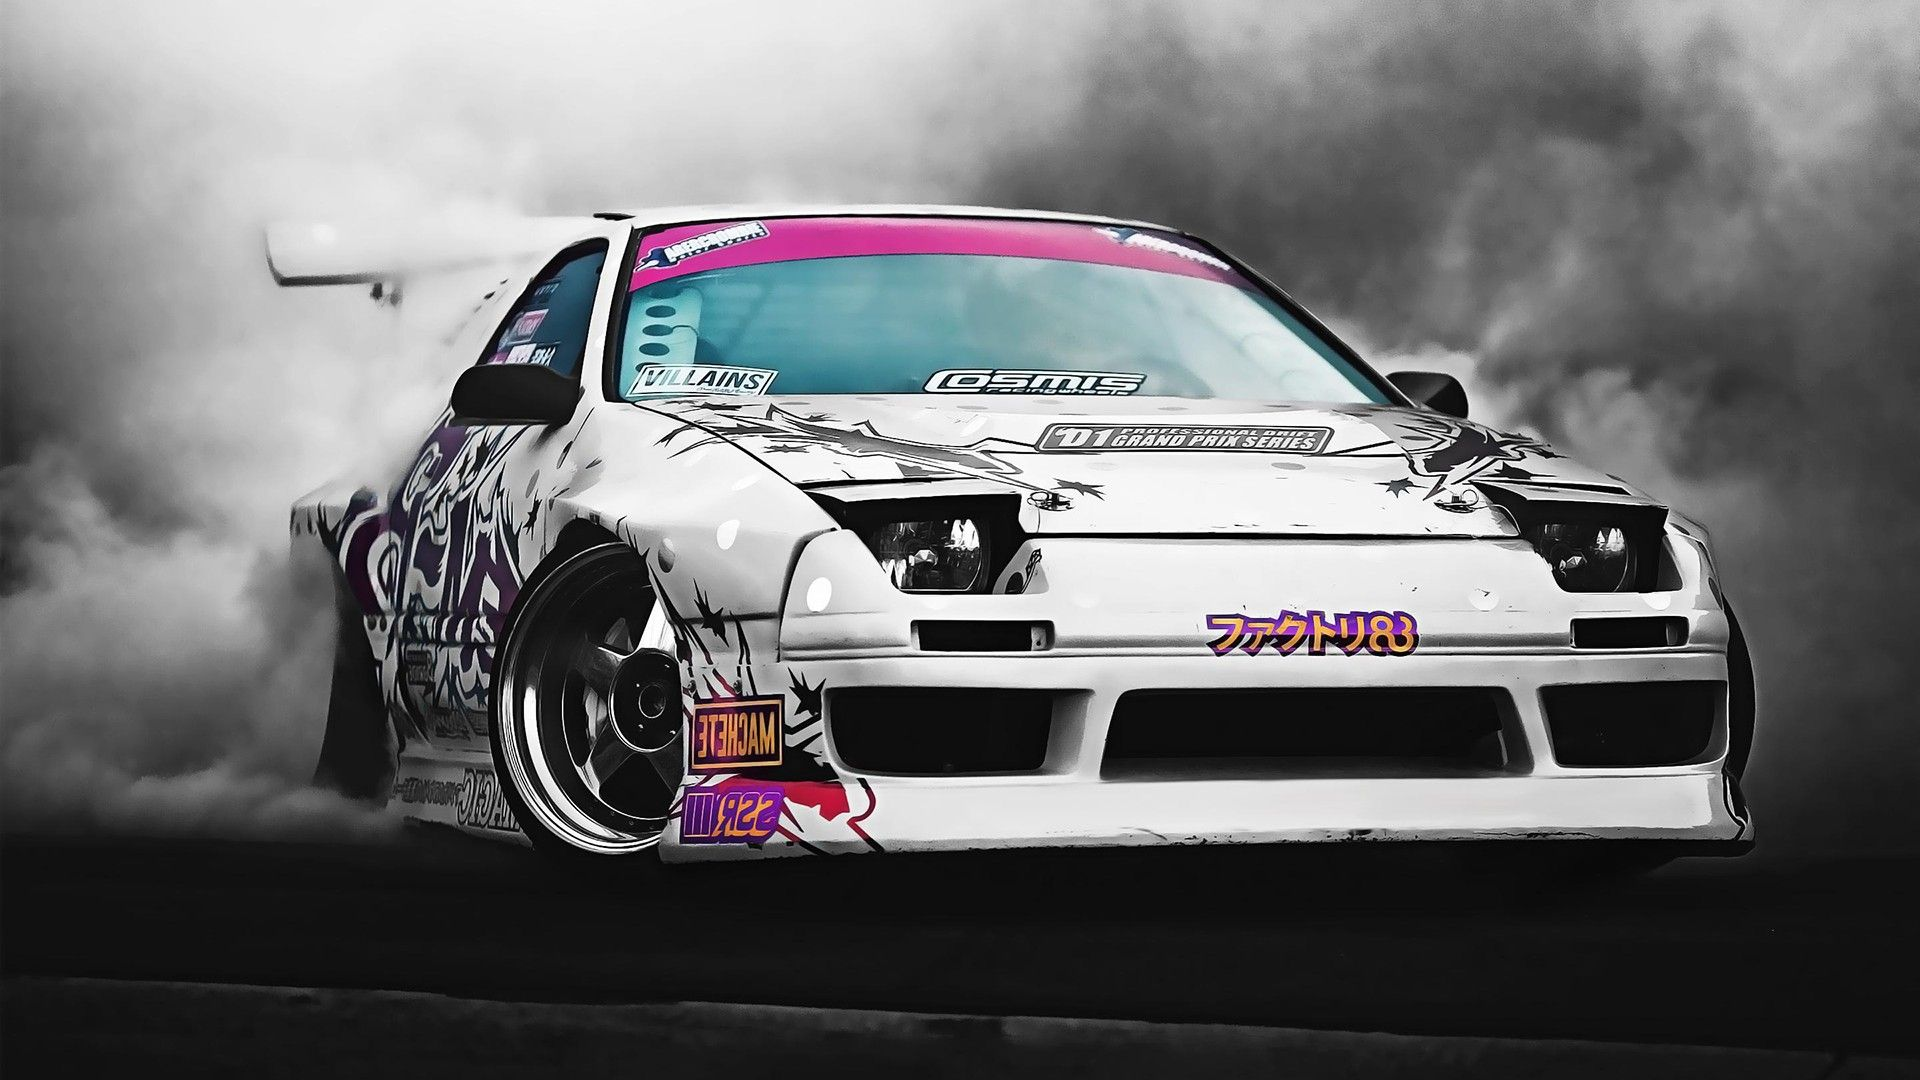 Ken block ford mustang drift wallpapers hd desktop and - Drift car wallpaper ...